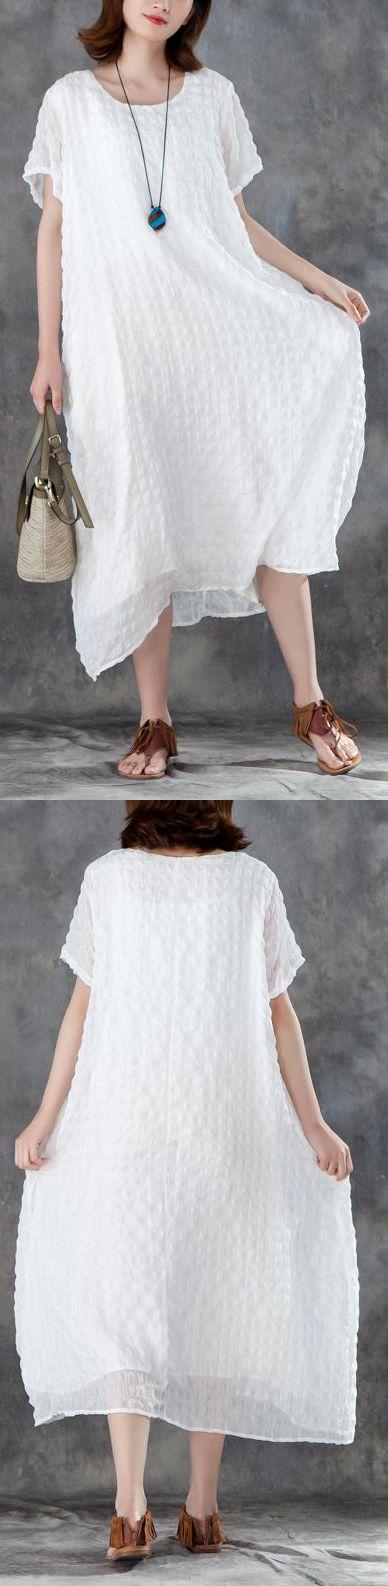 b07dd9a402 stylish-linen-blended-sundress-trendy-plus-size-Women-Short-Sleeve-Plain- White-Pullovers-Dress